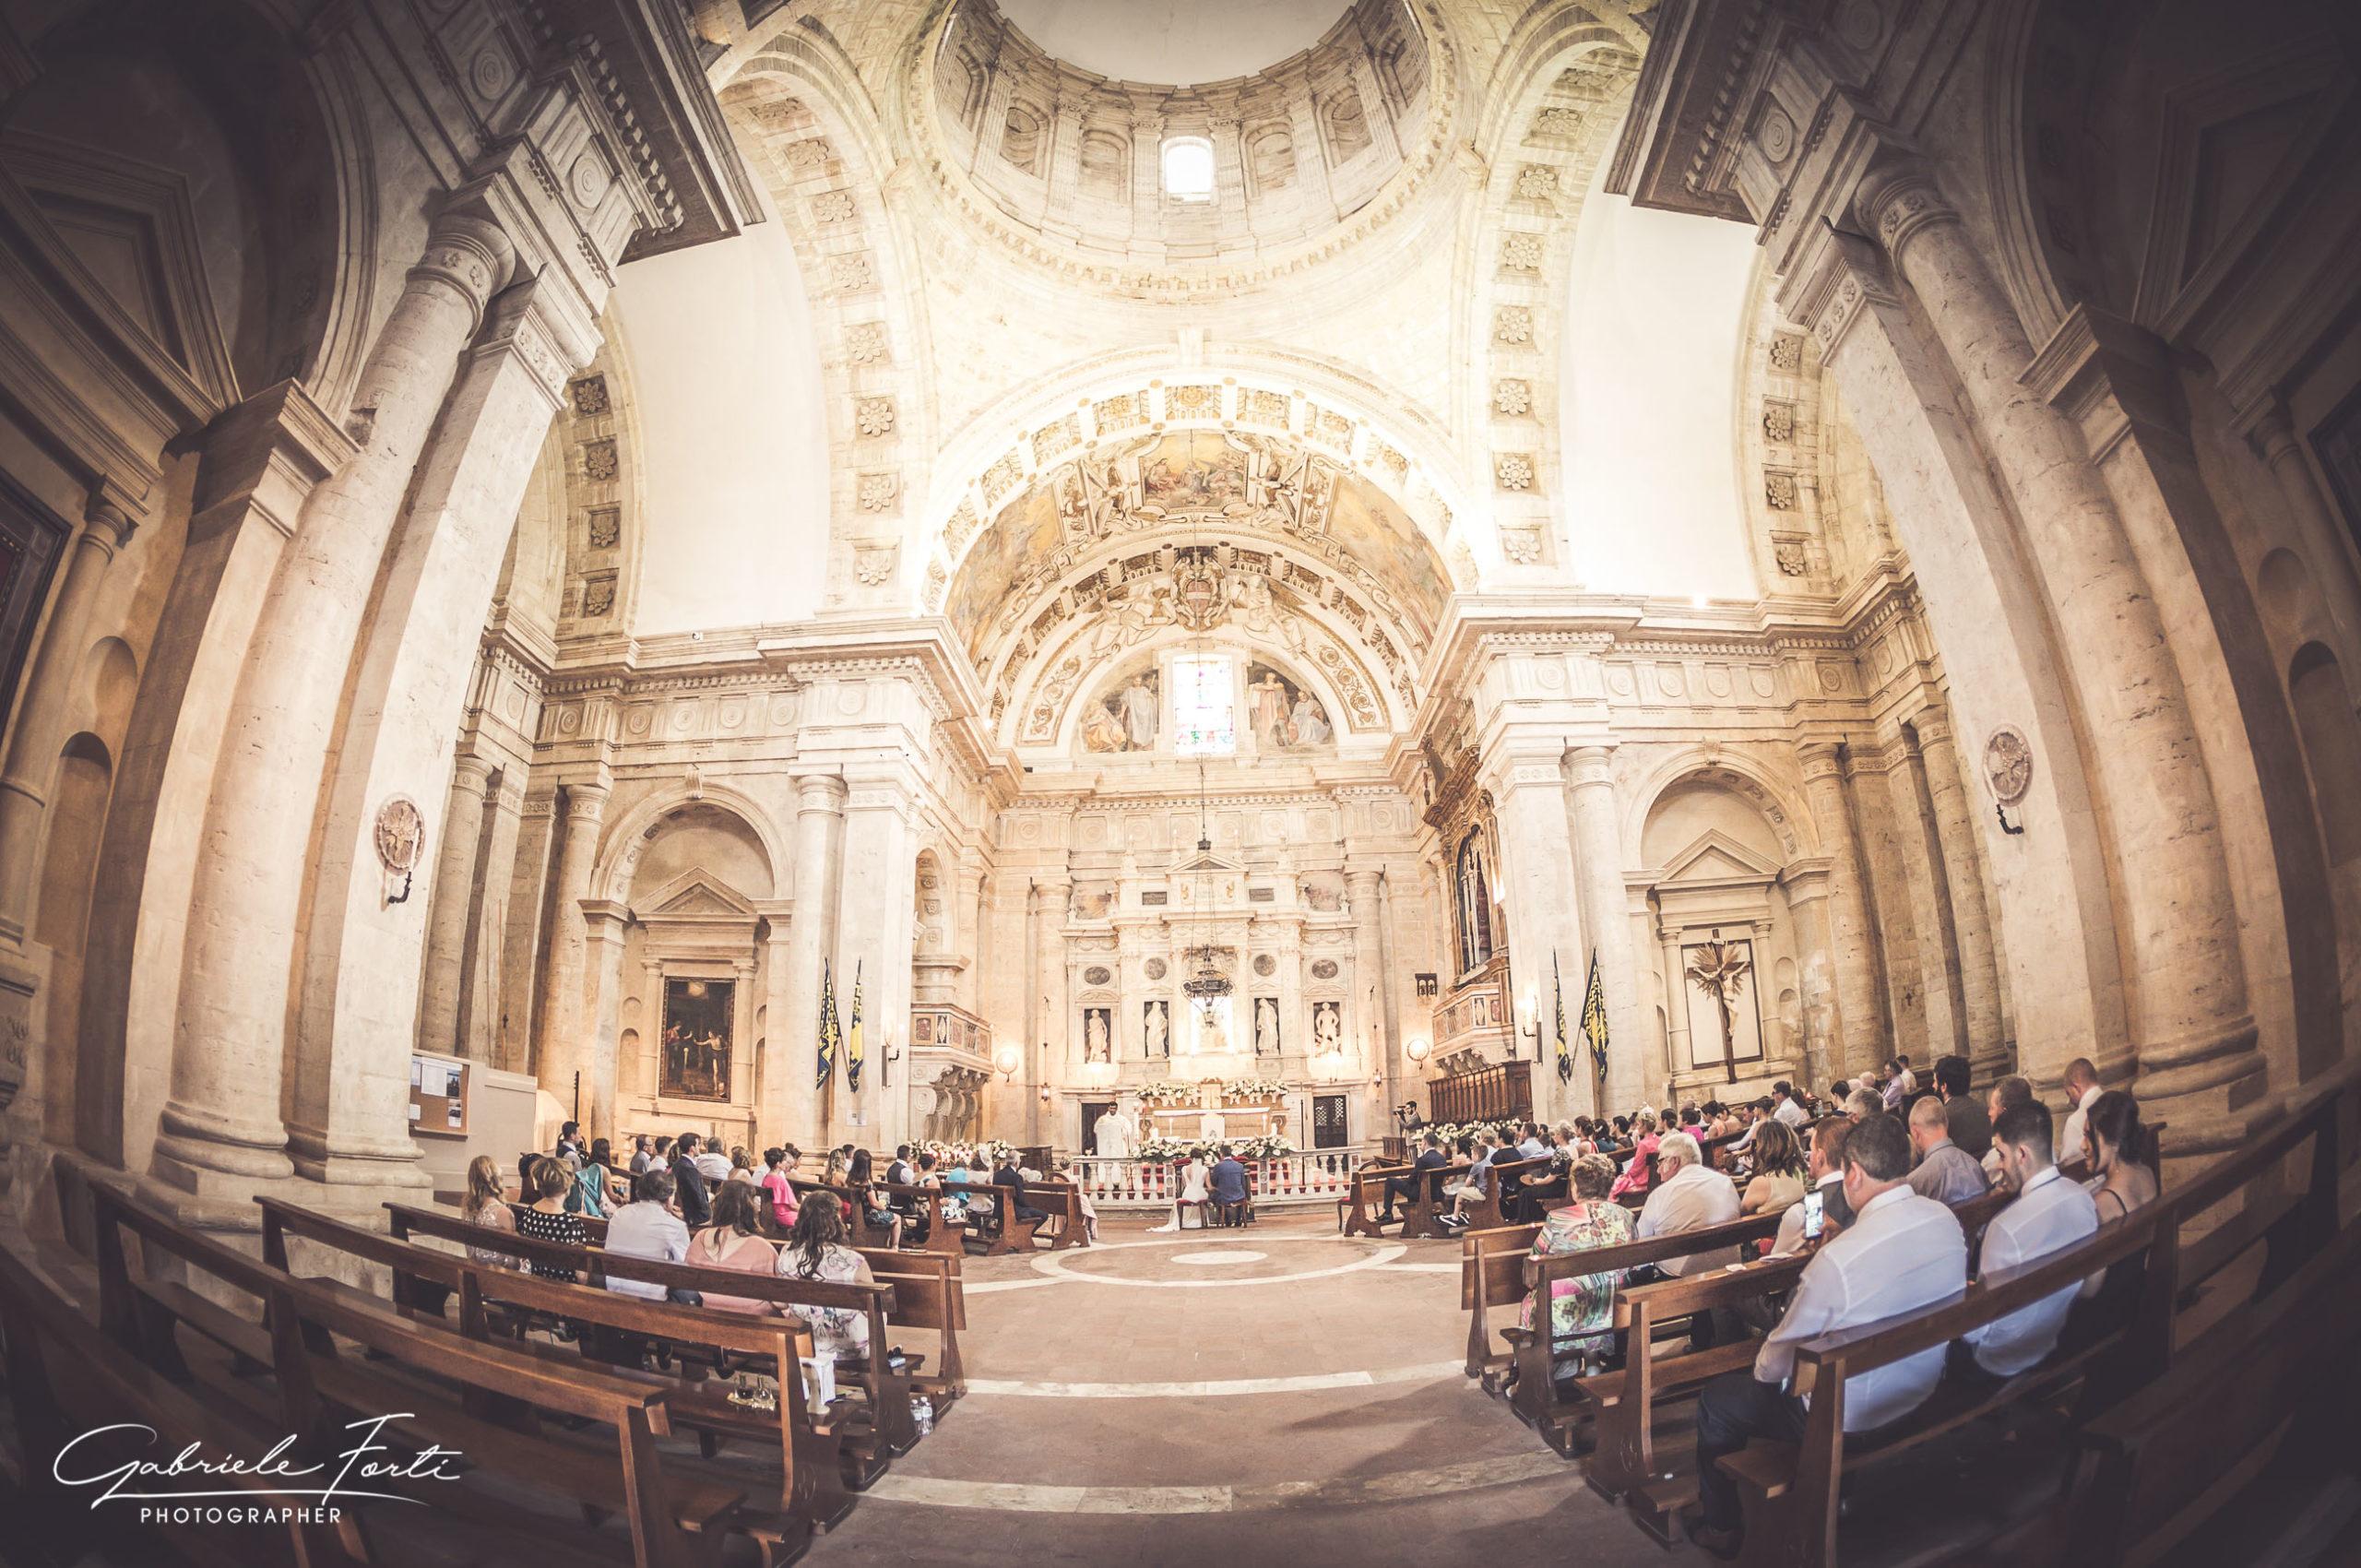 borgo-tre-rose-reportage-photographer-montepulciano-san-biagio-foto-fotografo-forti-5